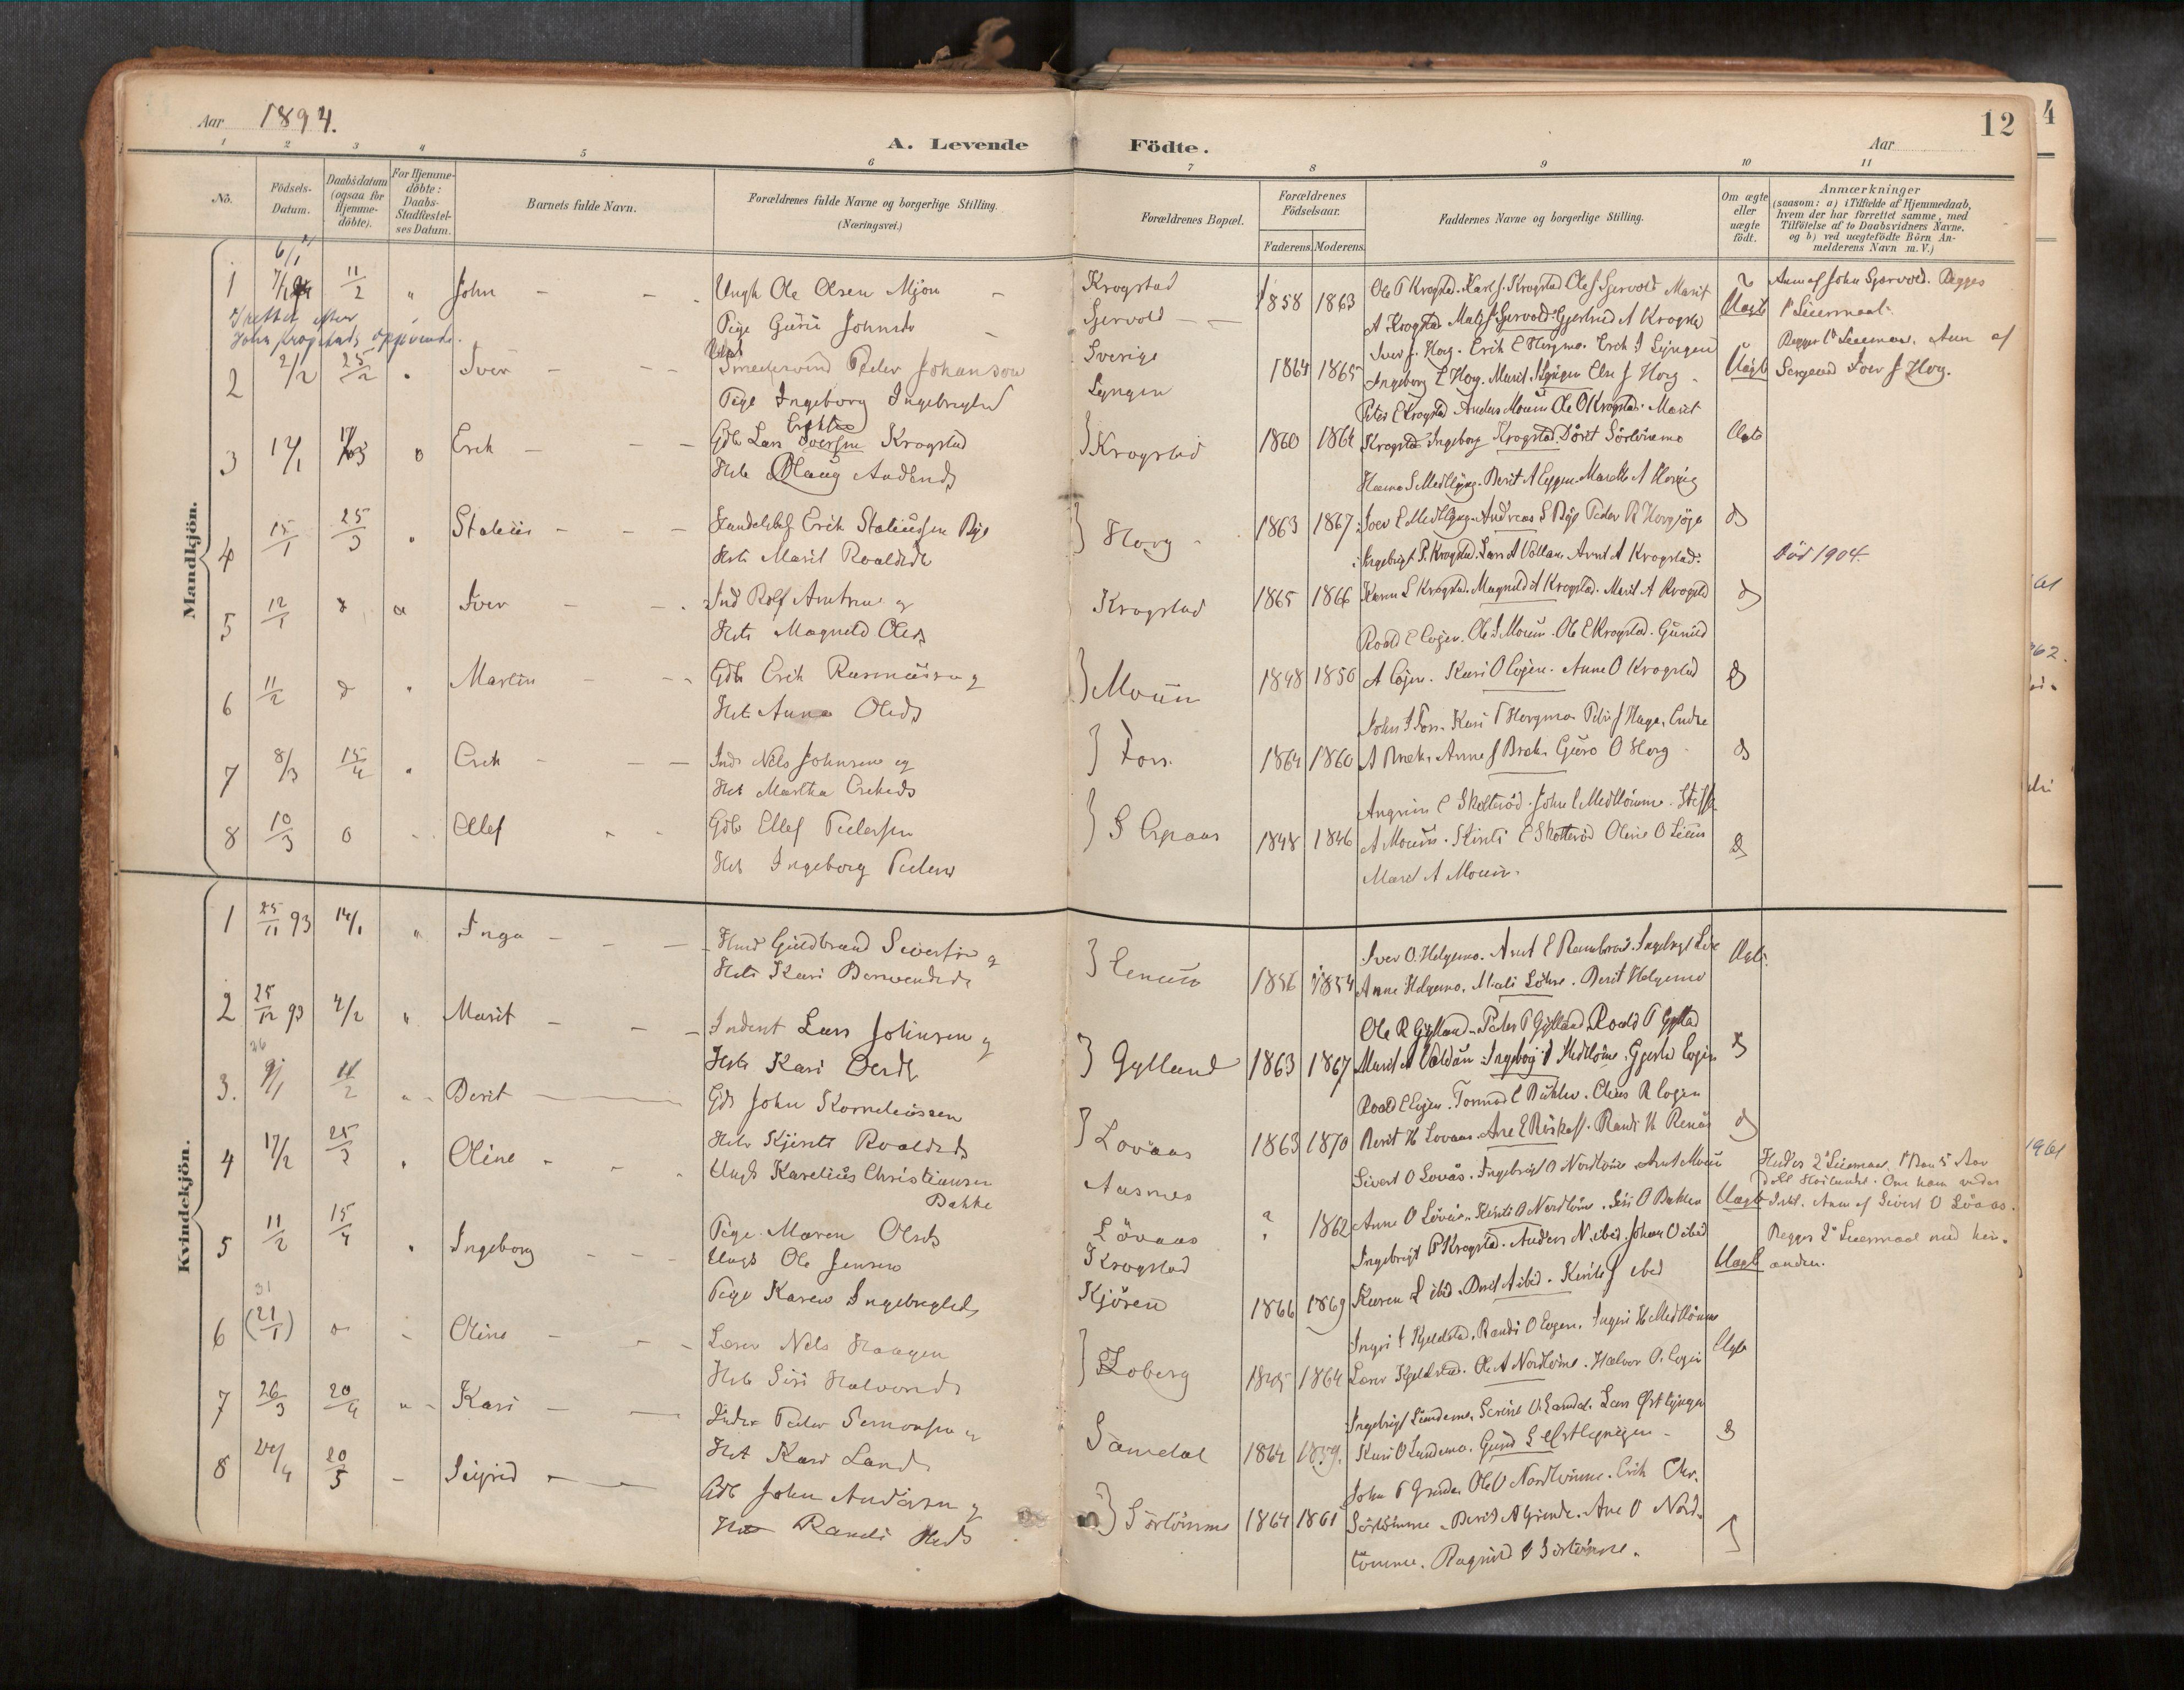 SAT, Ministerialprotokoller, klokkerbøker og fødselsregistre - Sør-Trøndelag, 692/L1105b: Ministerialbok nr. 692A06, 1891-1934, s. 12